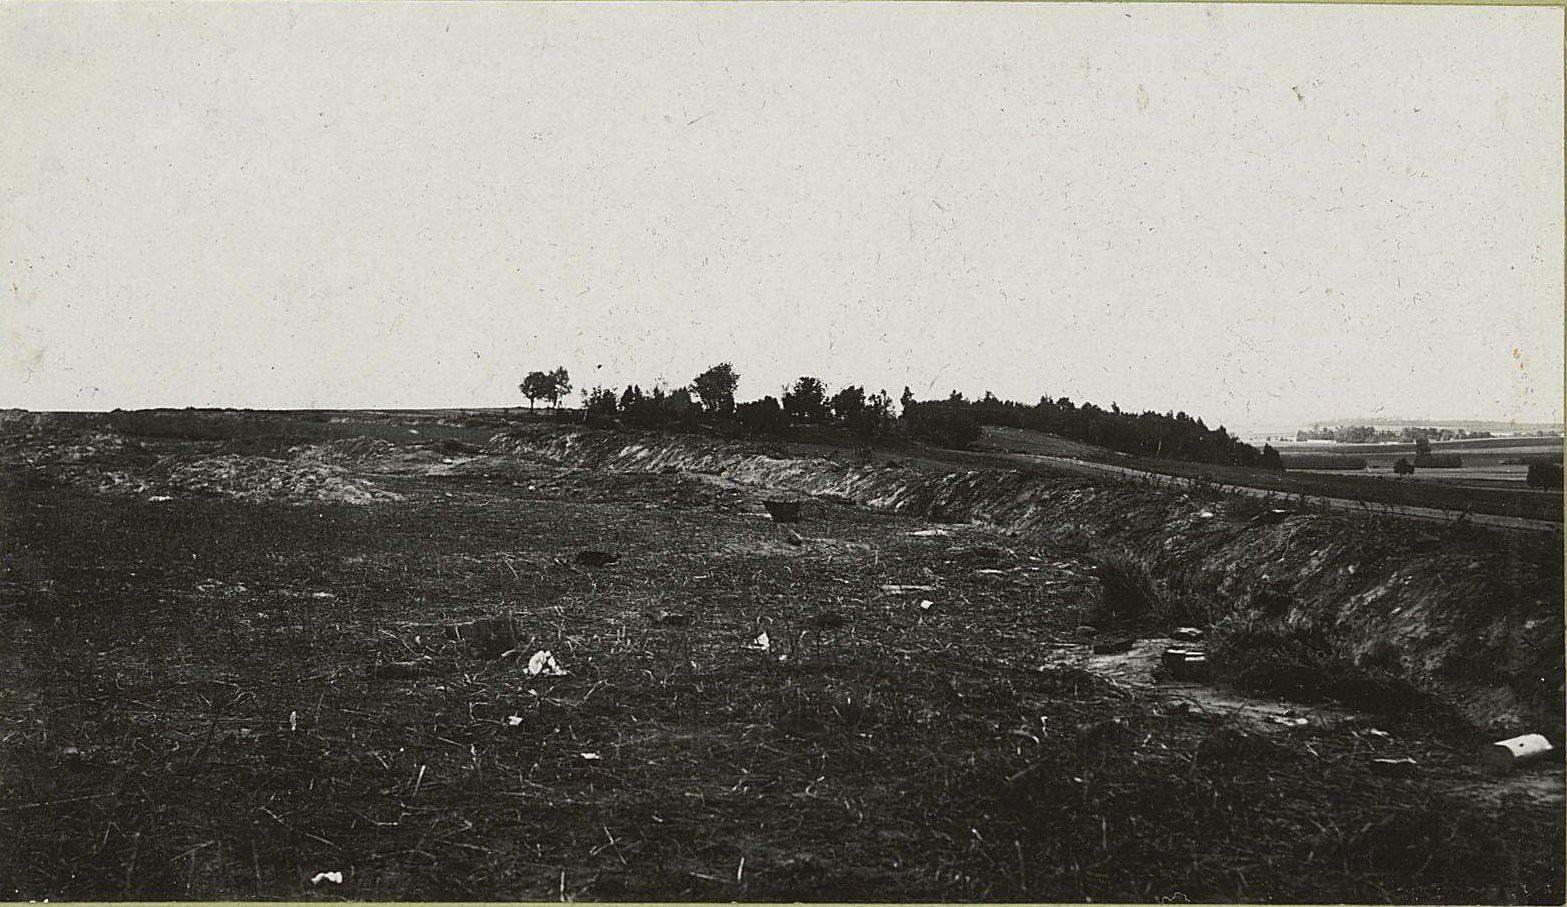 11. Австрийские окопы на горе 134 у деревни Пиатраков, оставленные при наступлении русских войск